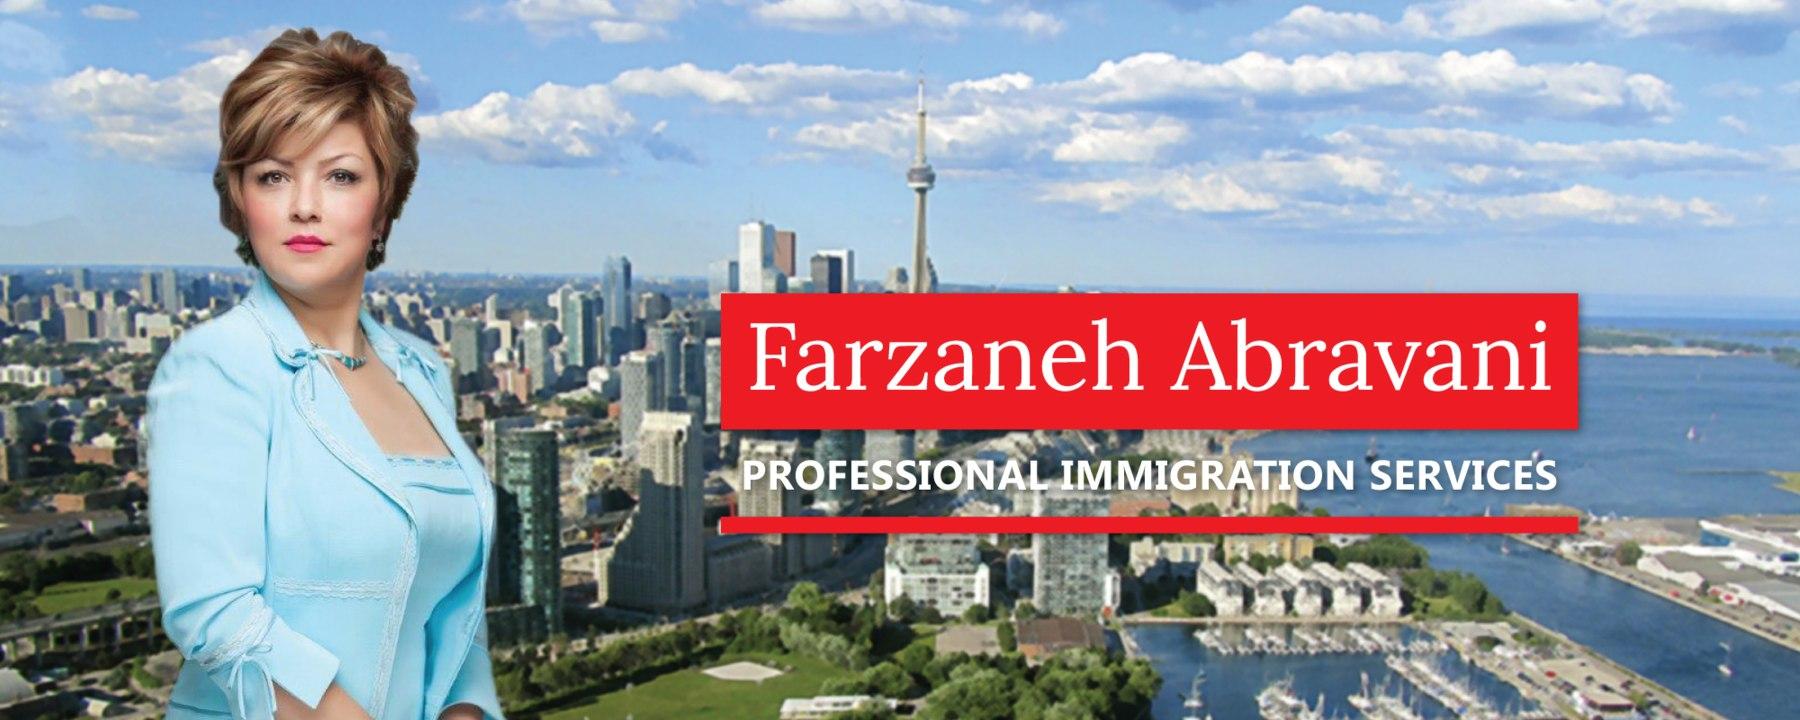 FARZANEH-SLIDE.jpg